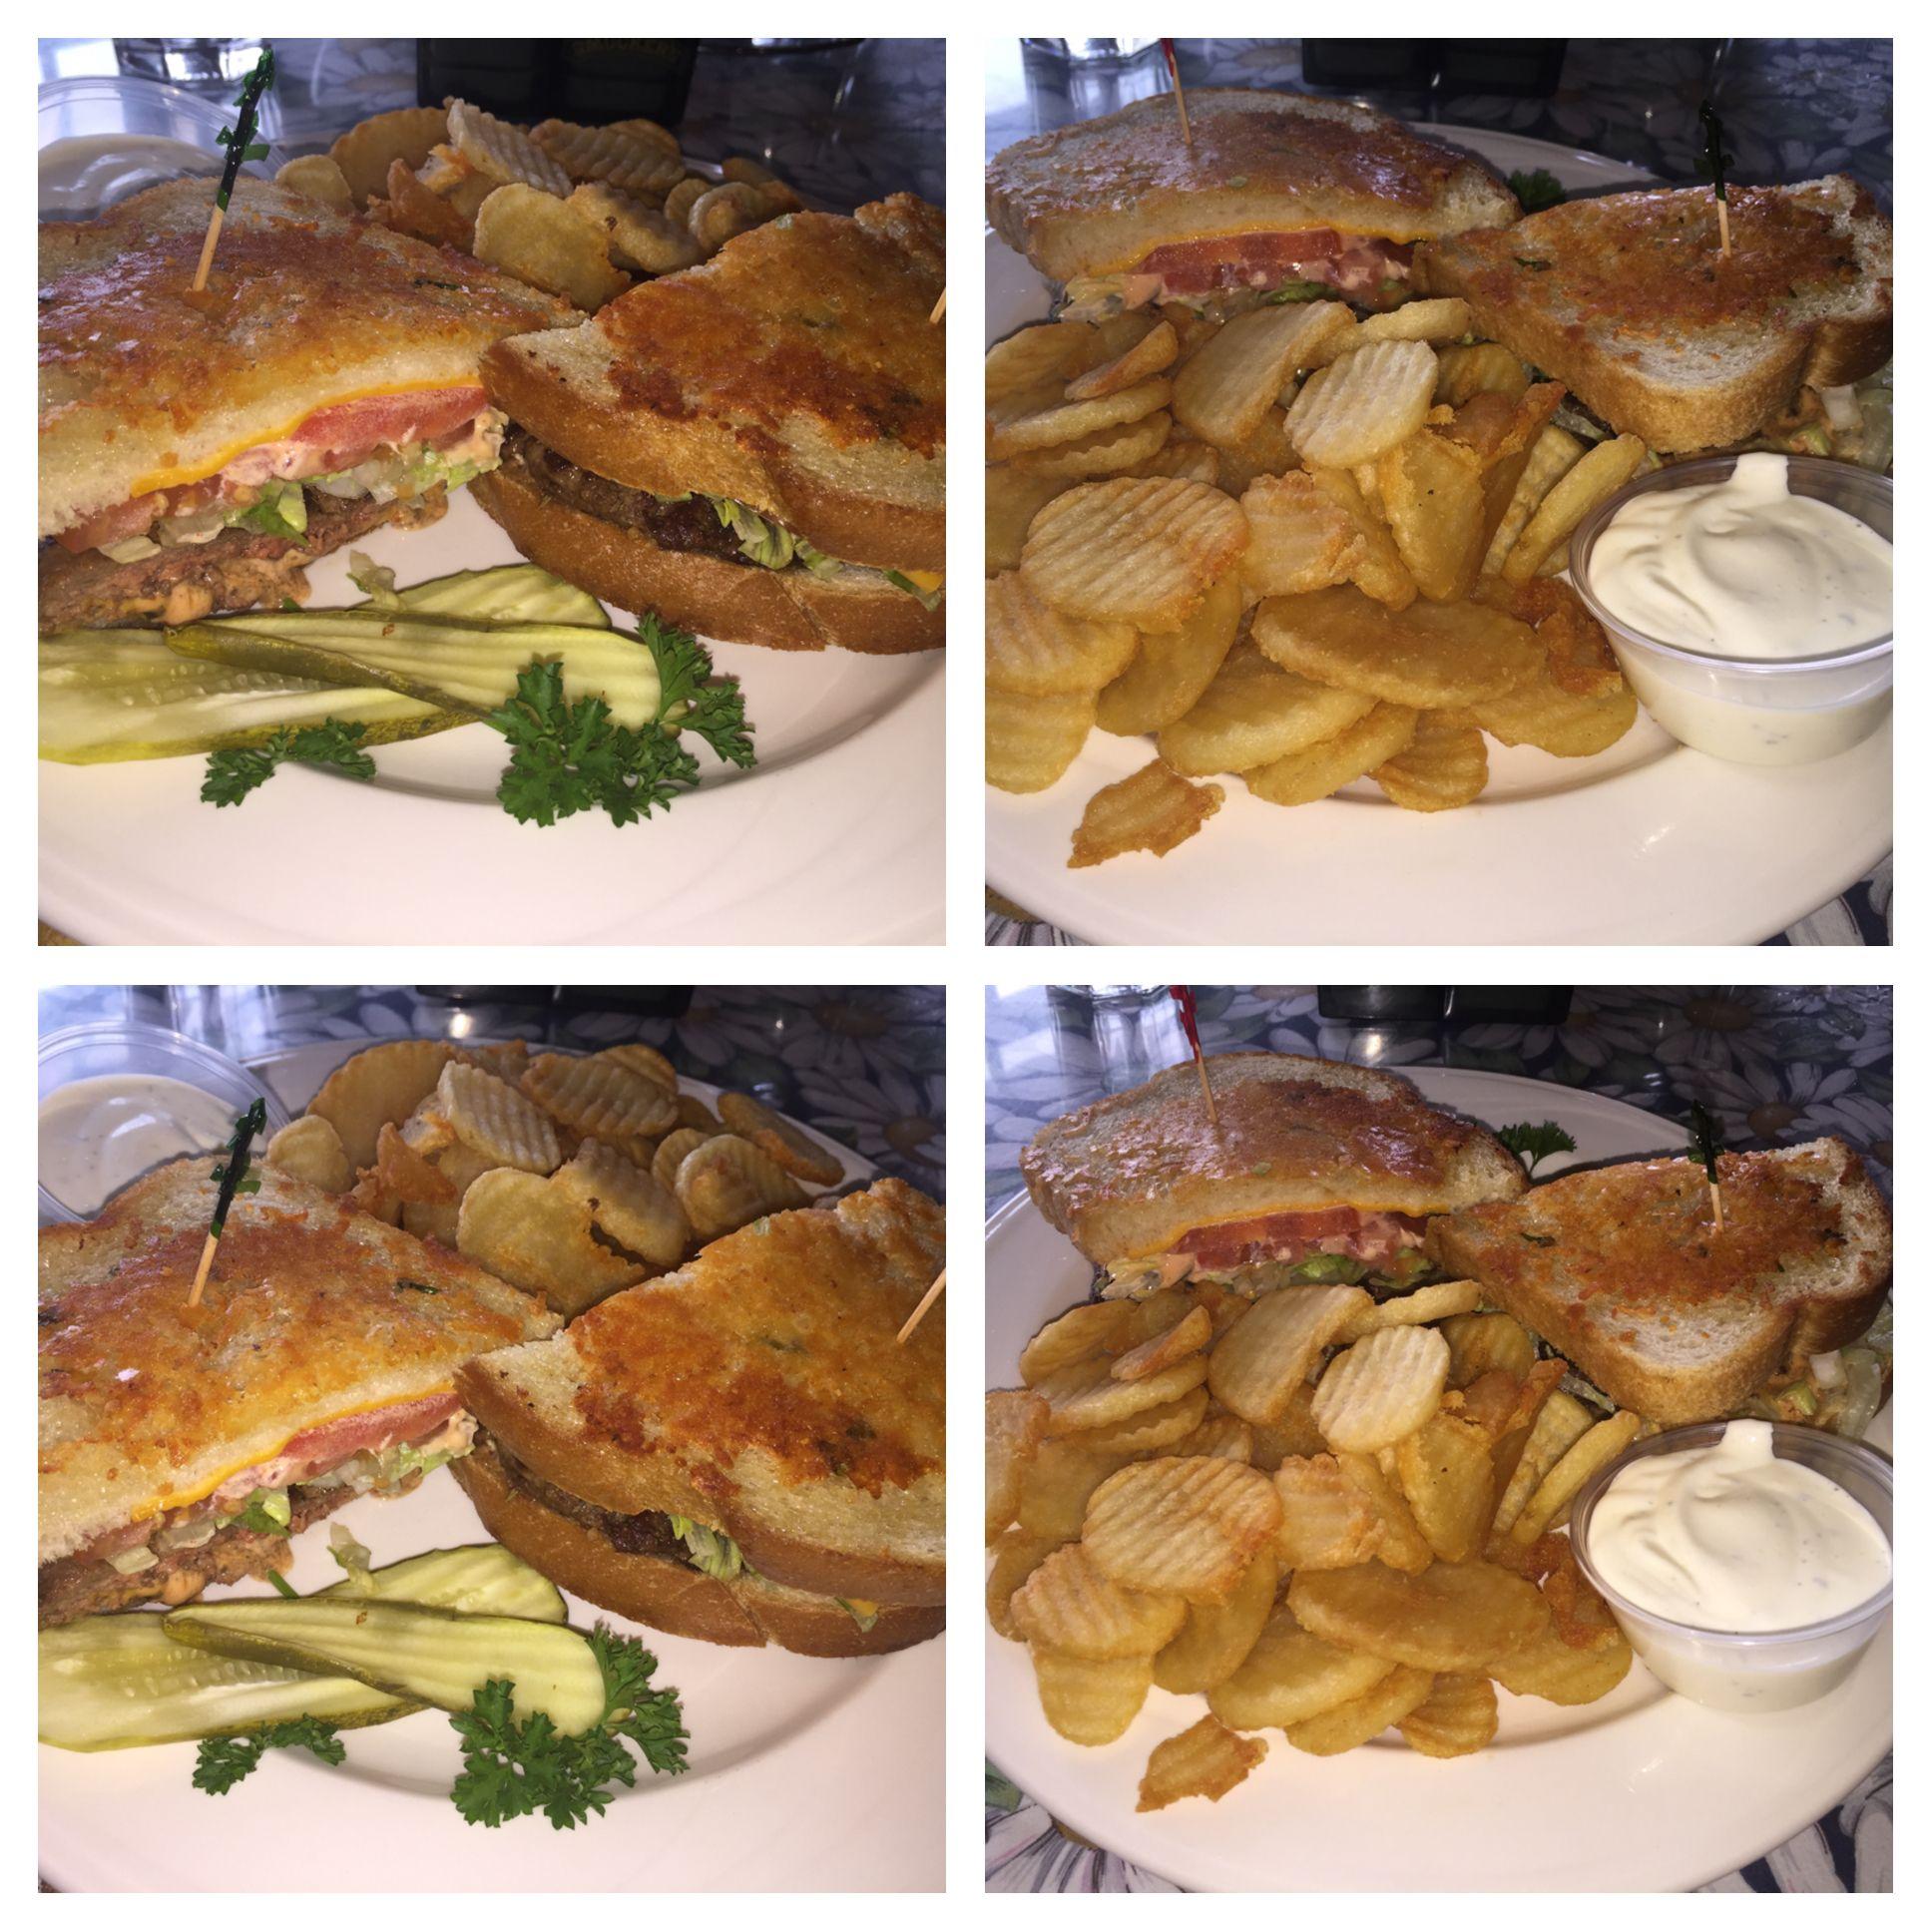 Wilmau0027s Patio, Balboa Island, Newport Beach, CA Sourdough Burger